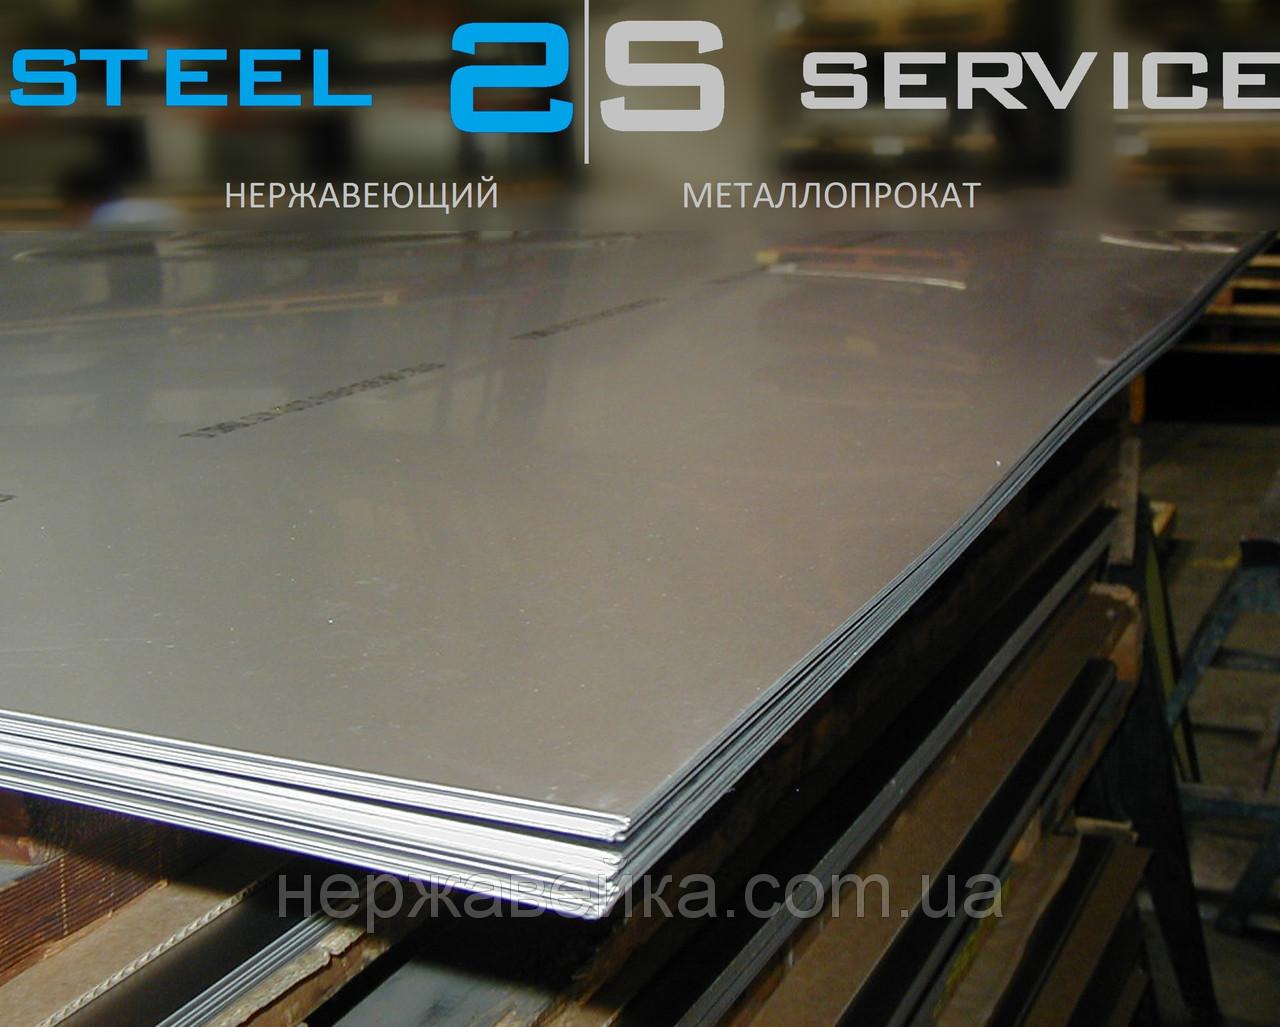 Нержавеющий лист 10х1500х6000мм  AISI 316Ti(10Х17Н13М2Т) F1 - горячекатанный,  кислотостойкий